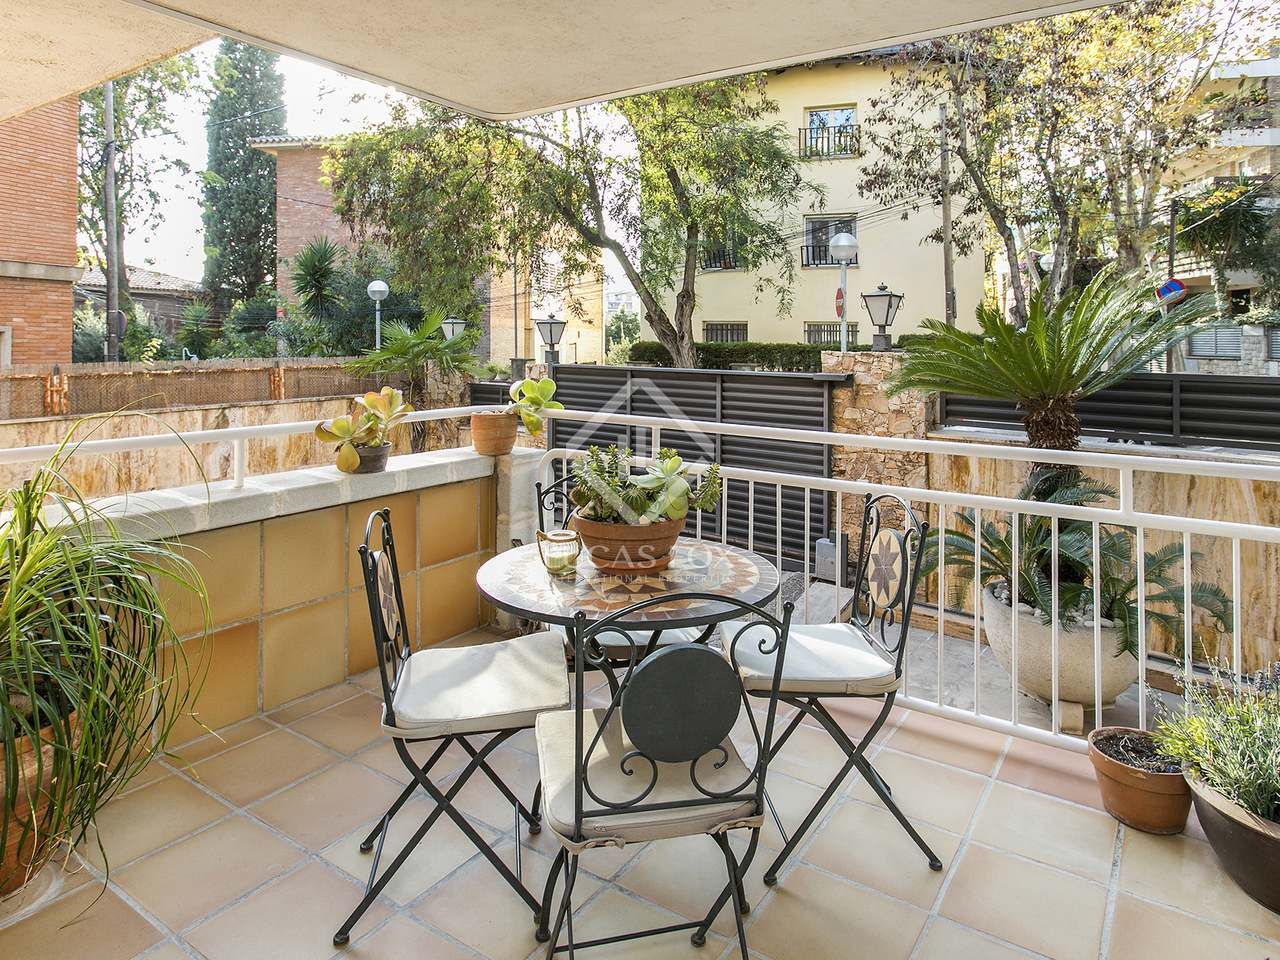 Appartement de 180m a louer gr cia barcelone for Appartement a louer a barcelone avec piscine